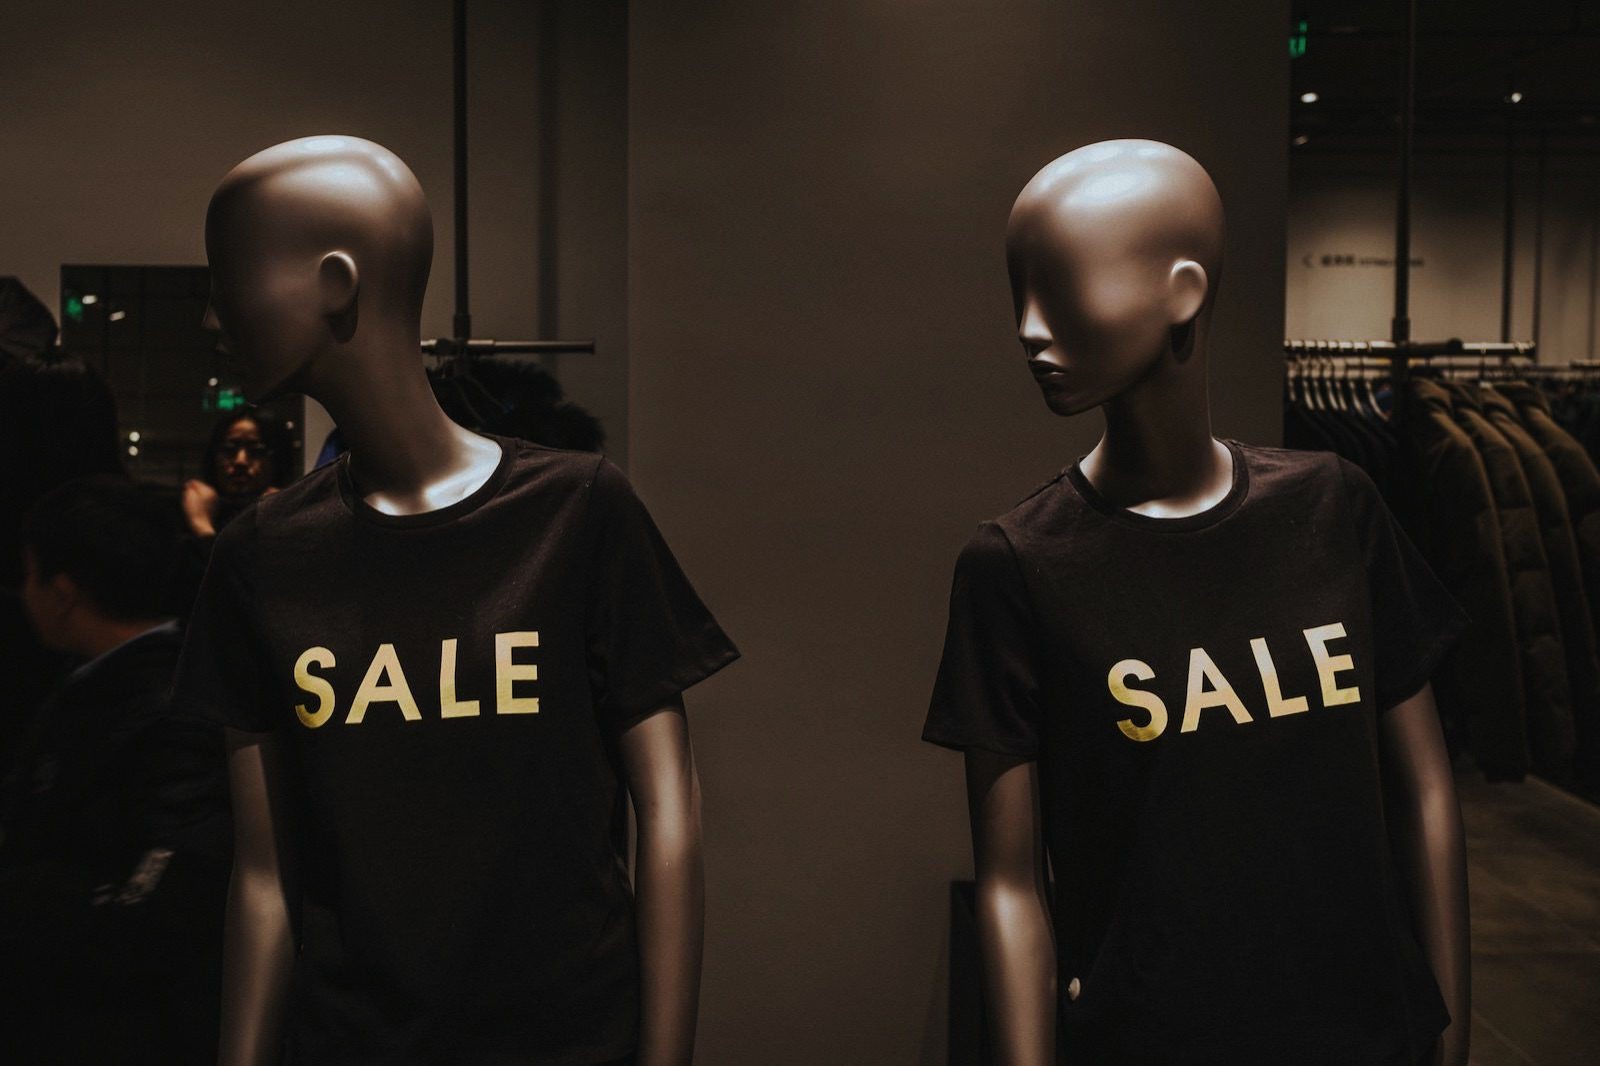 xiaolong-wong-1244284-unsplash-mannequin.jpg